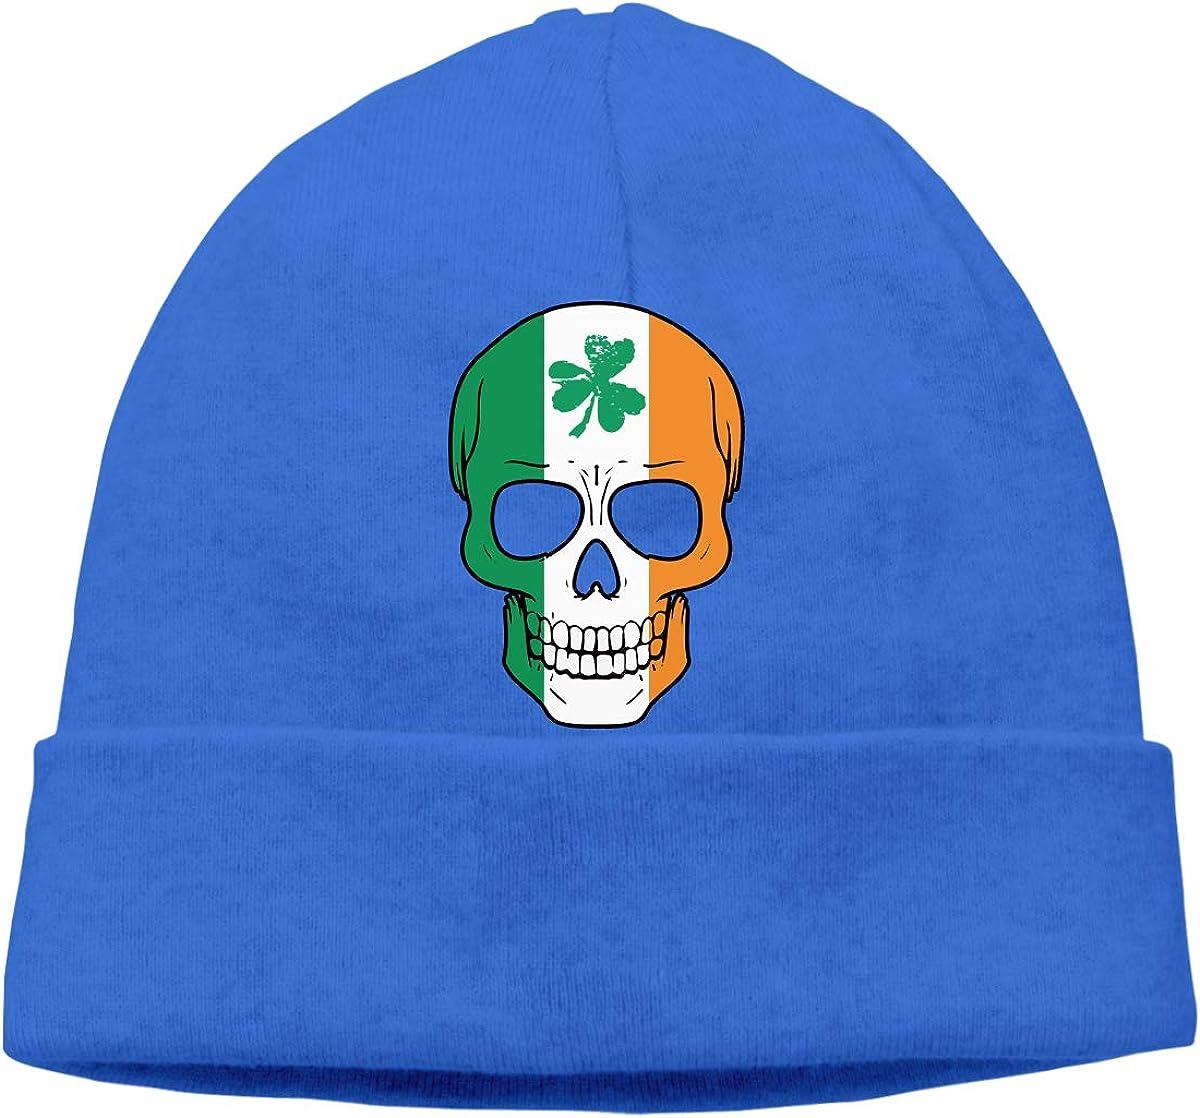 Patricks Day Soft Knit Caps BBlooobow Mens/&Womens Irish Skull St